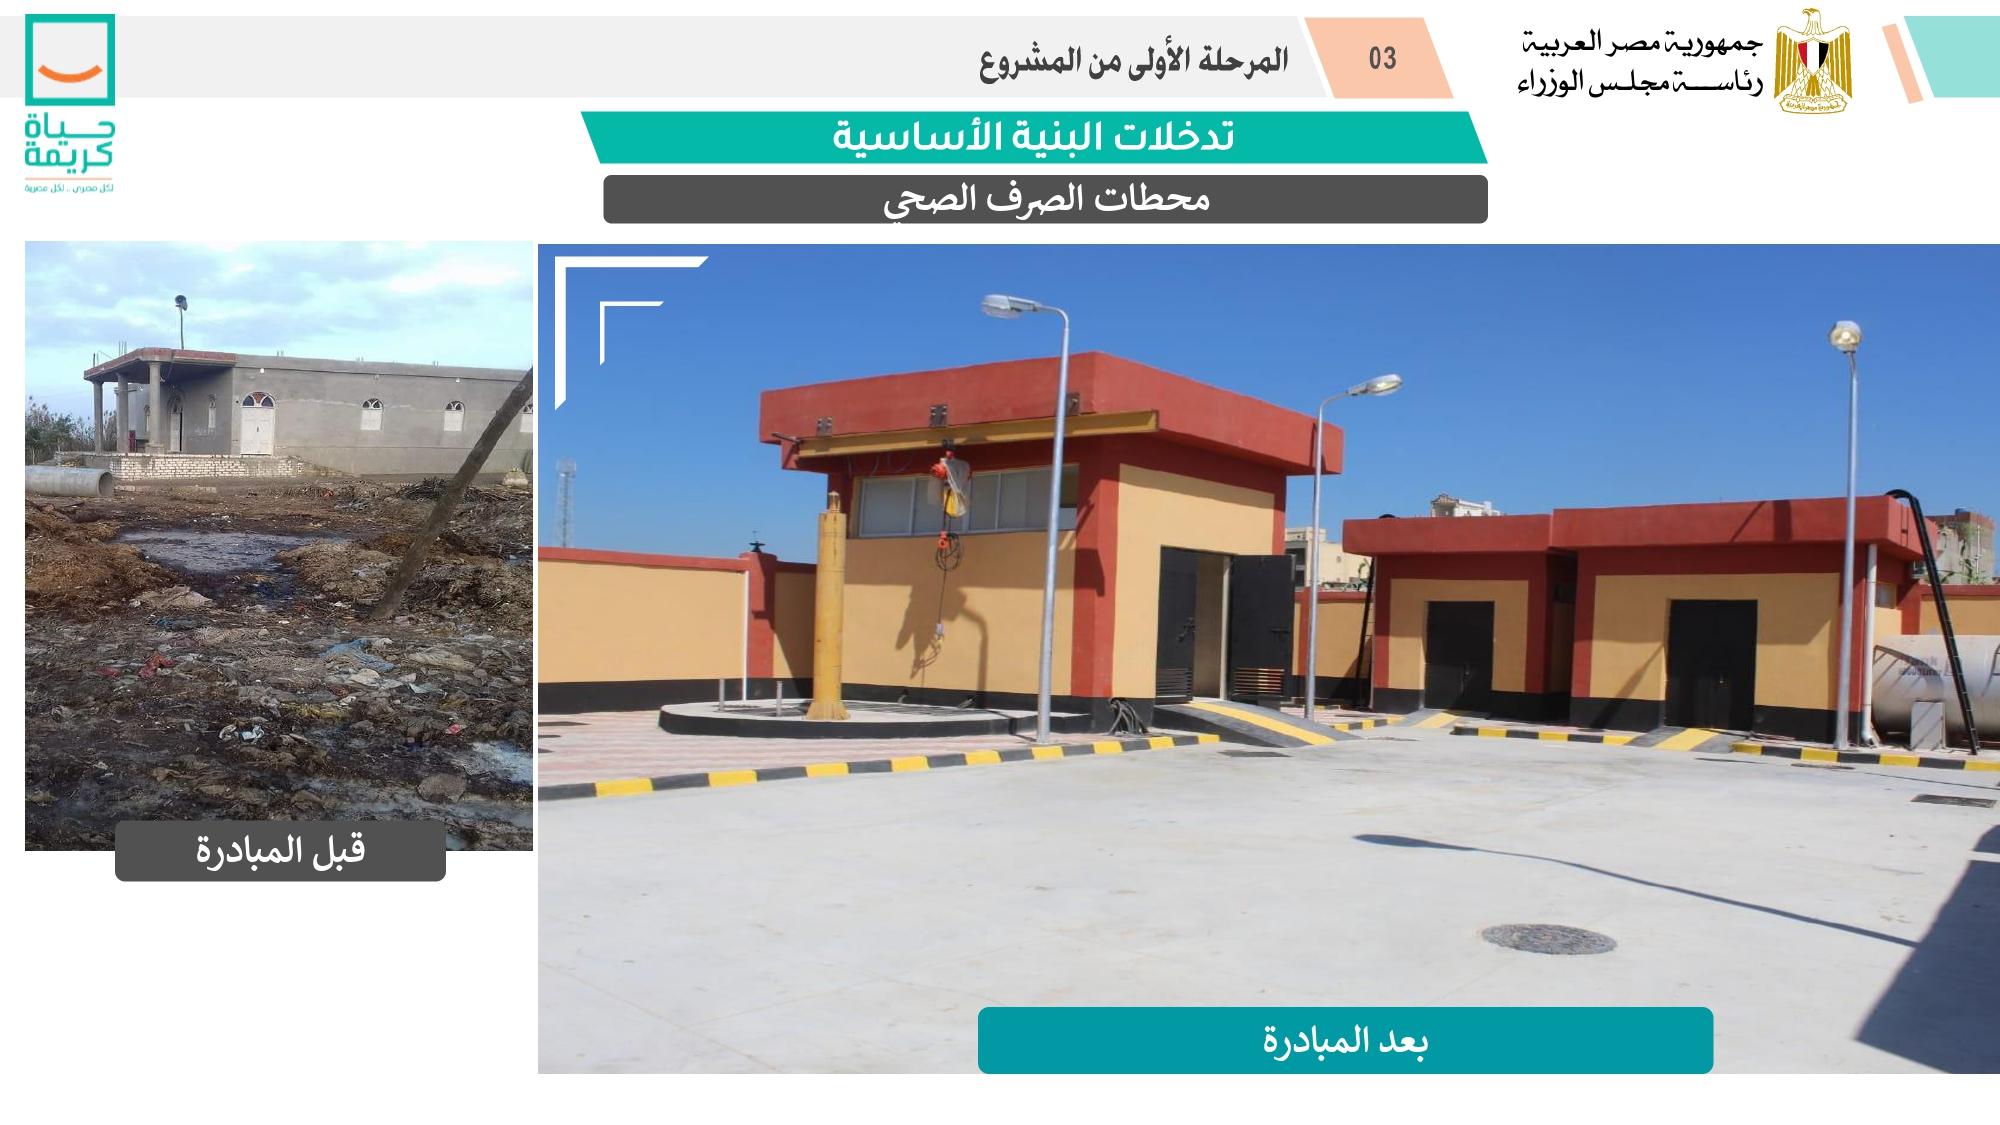 المشروع القومي لتطوير القرى المصرية v7_pages-to-jpg-0091